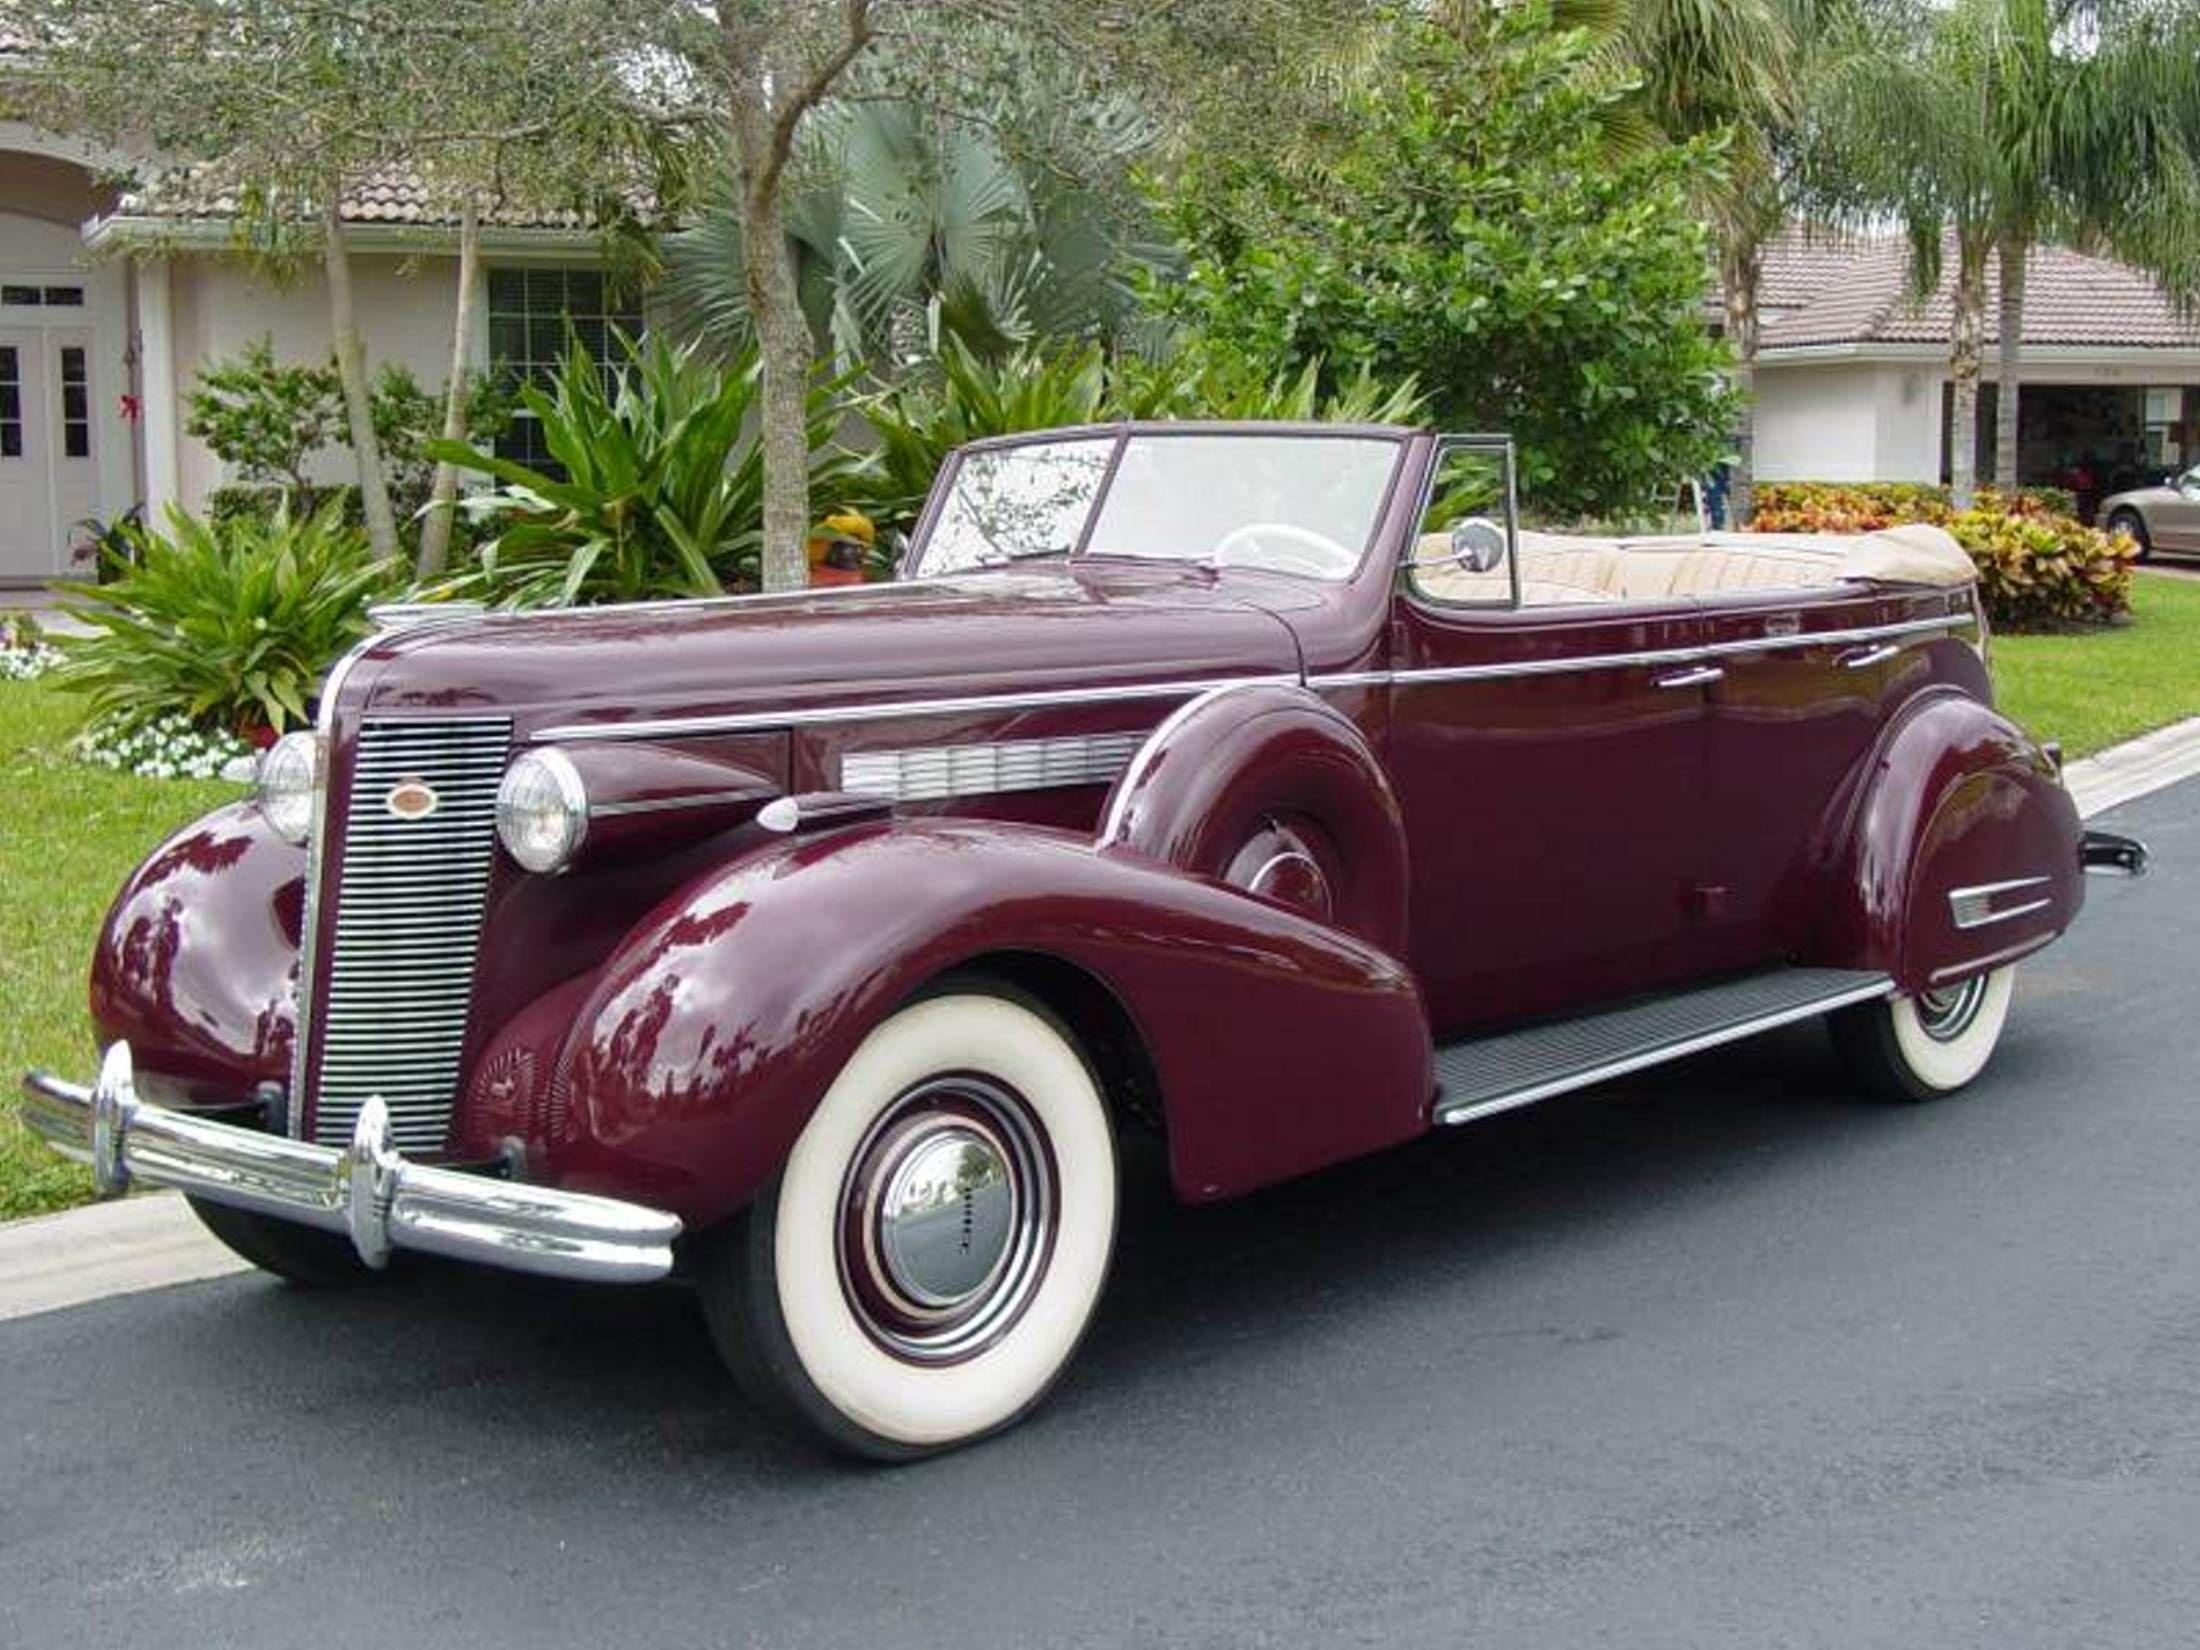 1937 Buick Roadmaster - (Buick Motor Car Company, Flint, Michigan ...